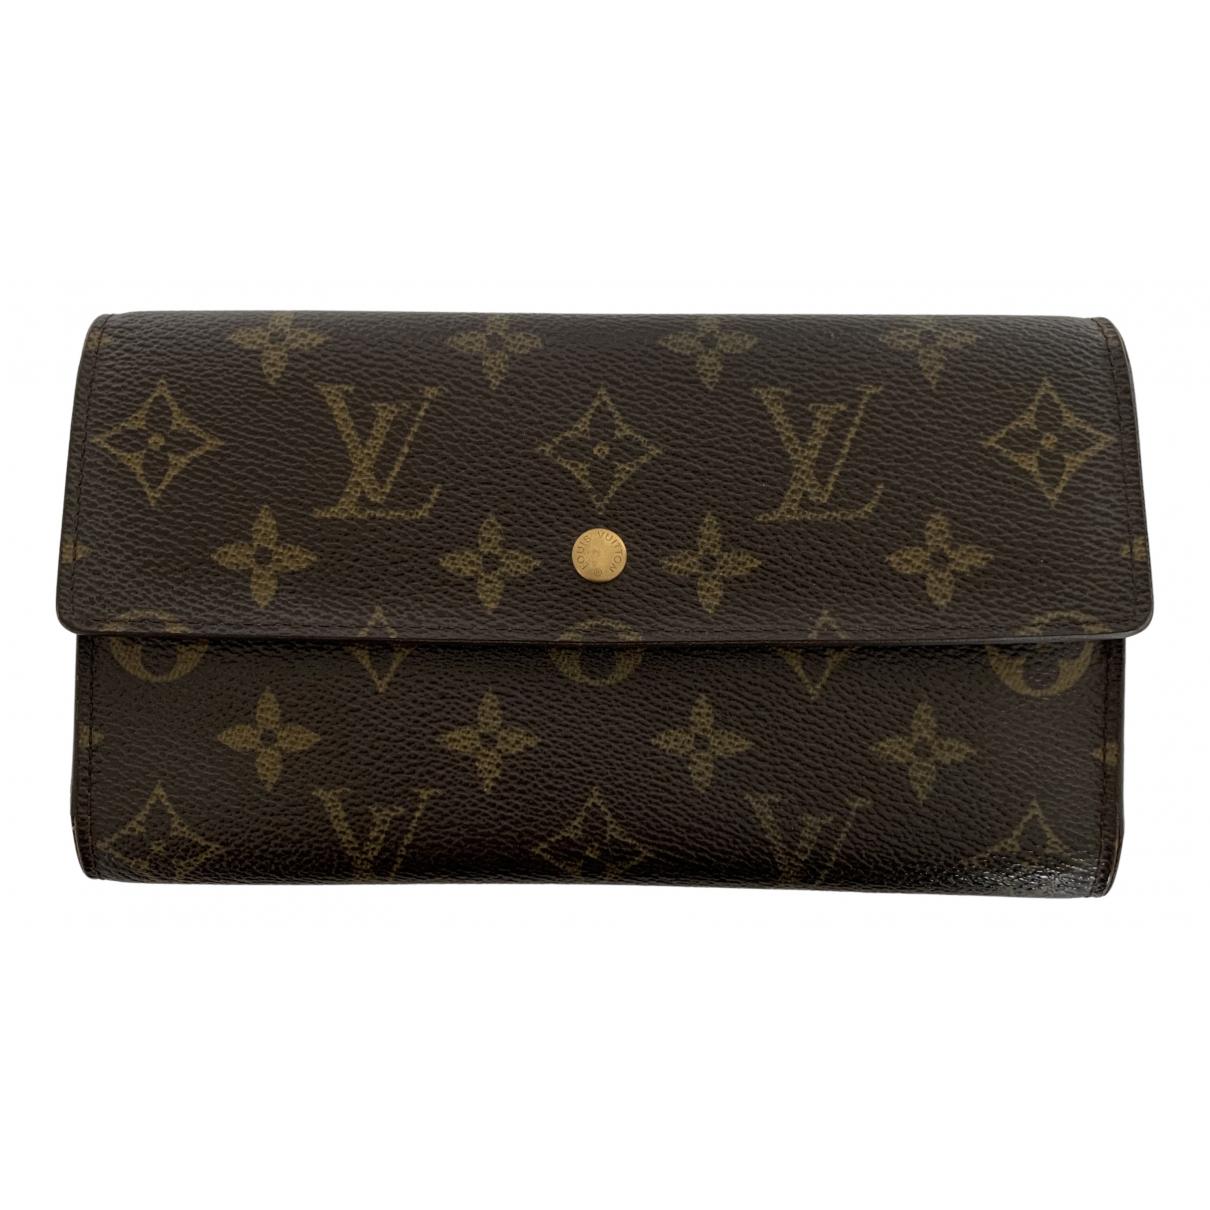 Louis Vuitton - Portefeuille Sarah pour femme en toile - marron